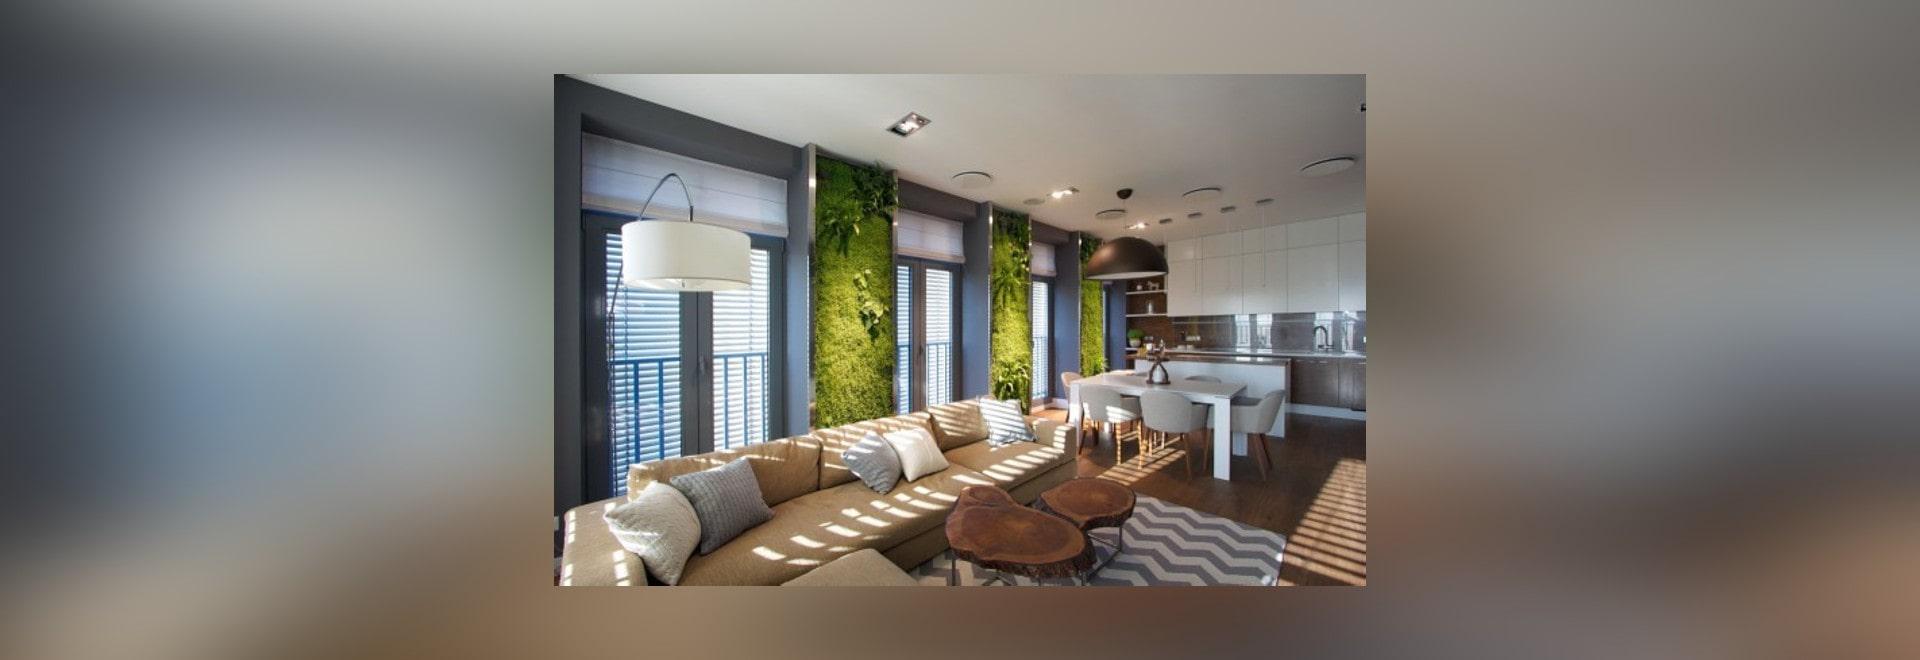 Las paredes verticales increíbles del jardín traen vida vibrante a ...